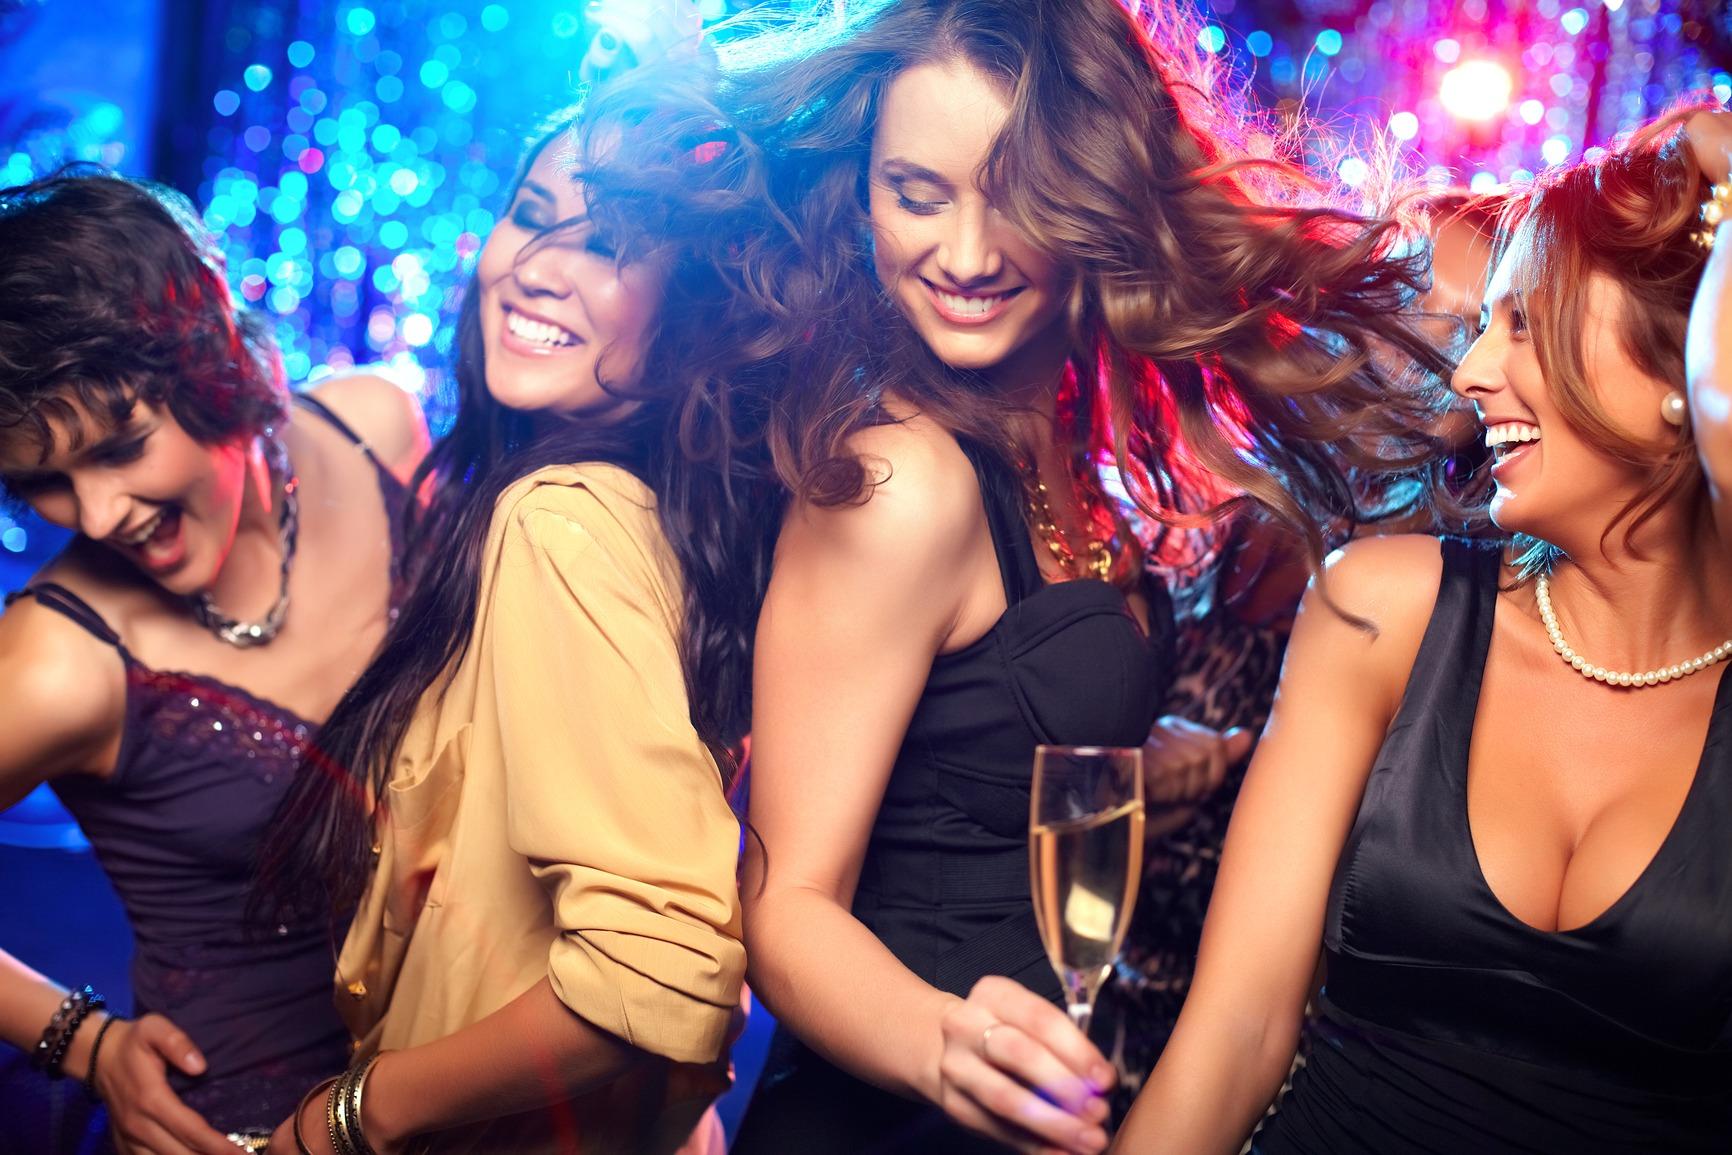 Картинки в клубе ночном фото